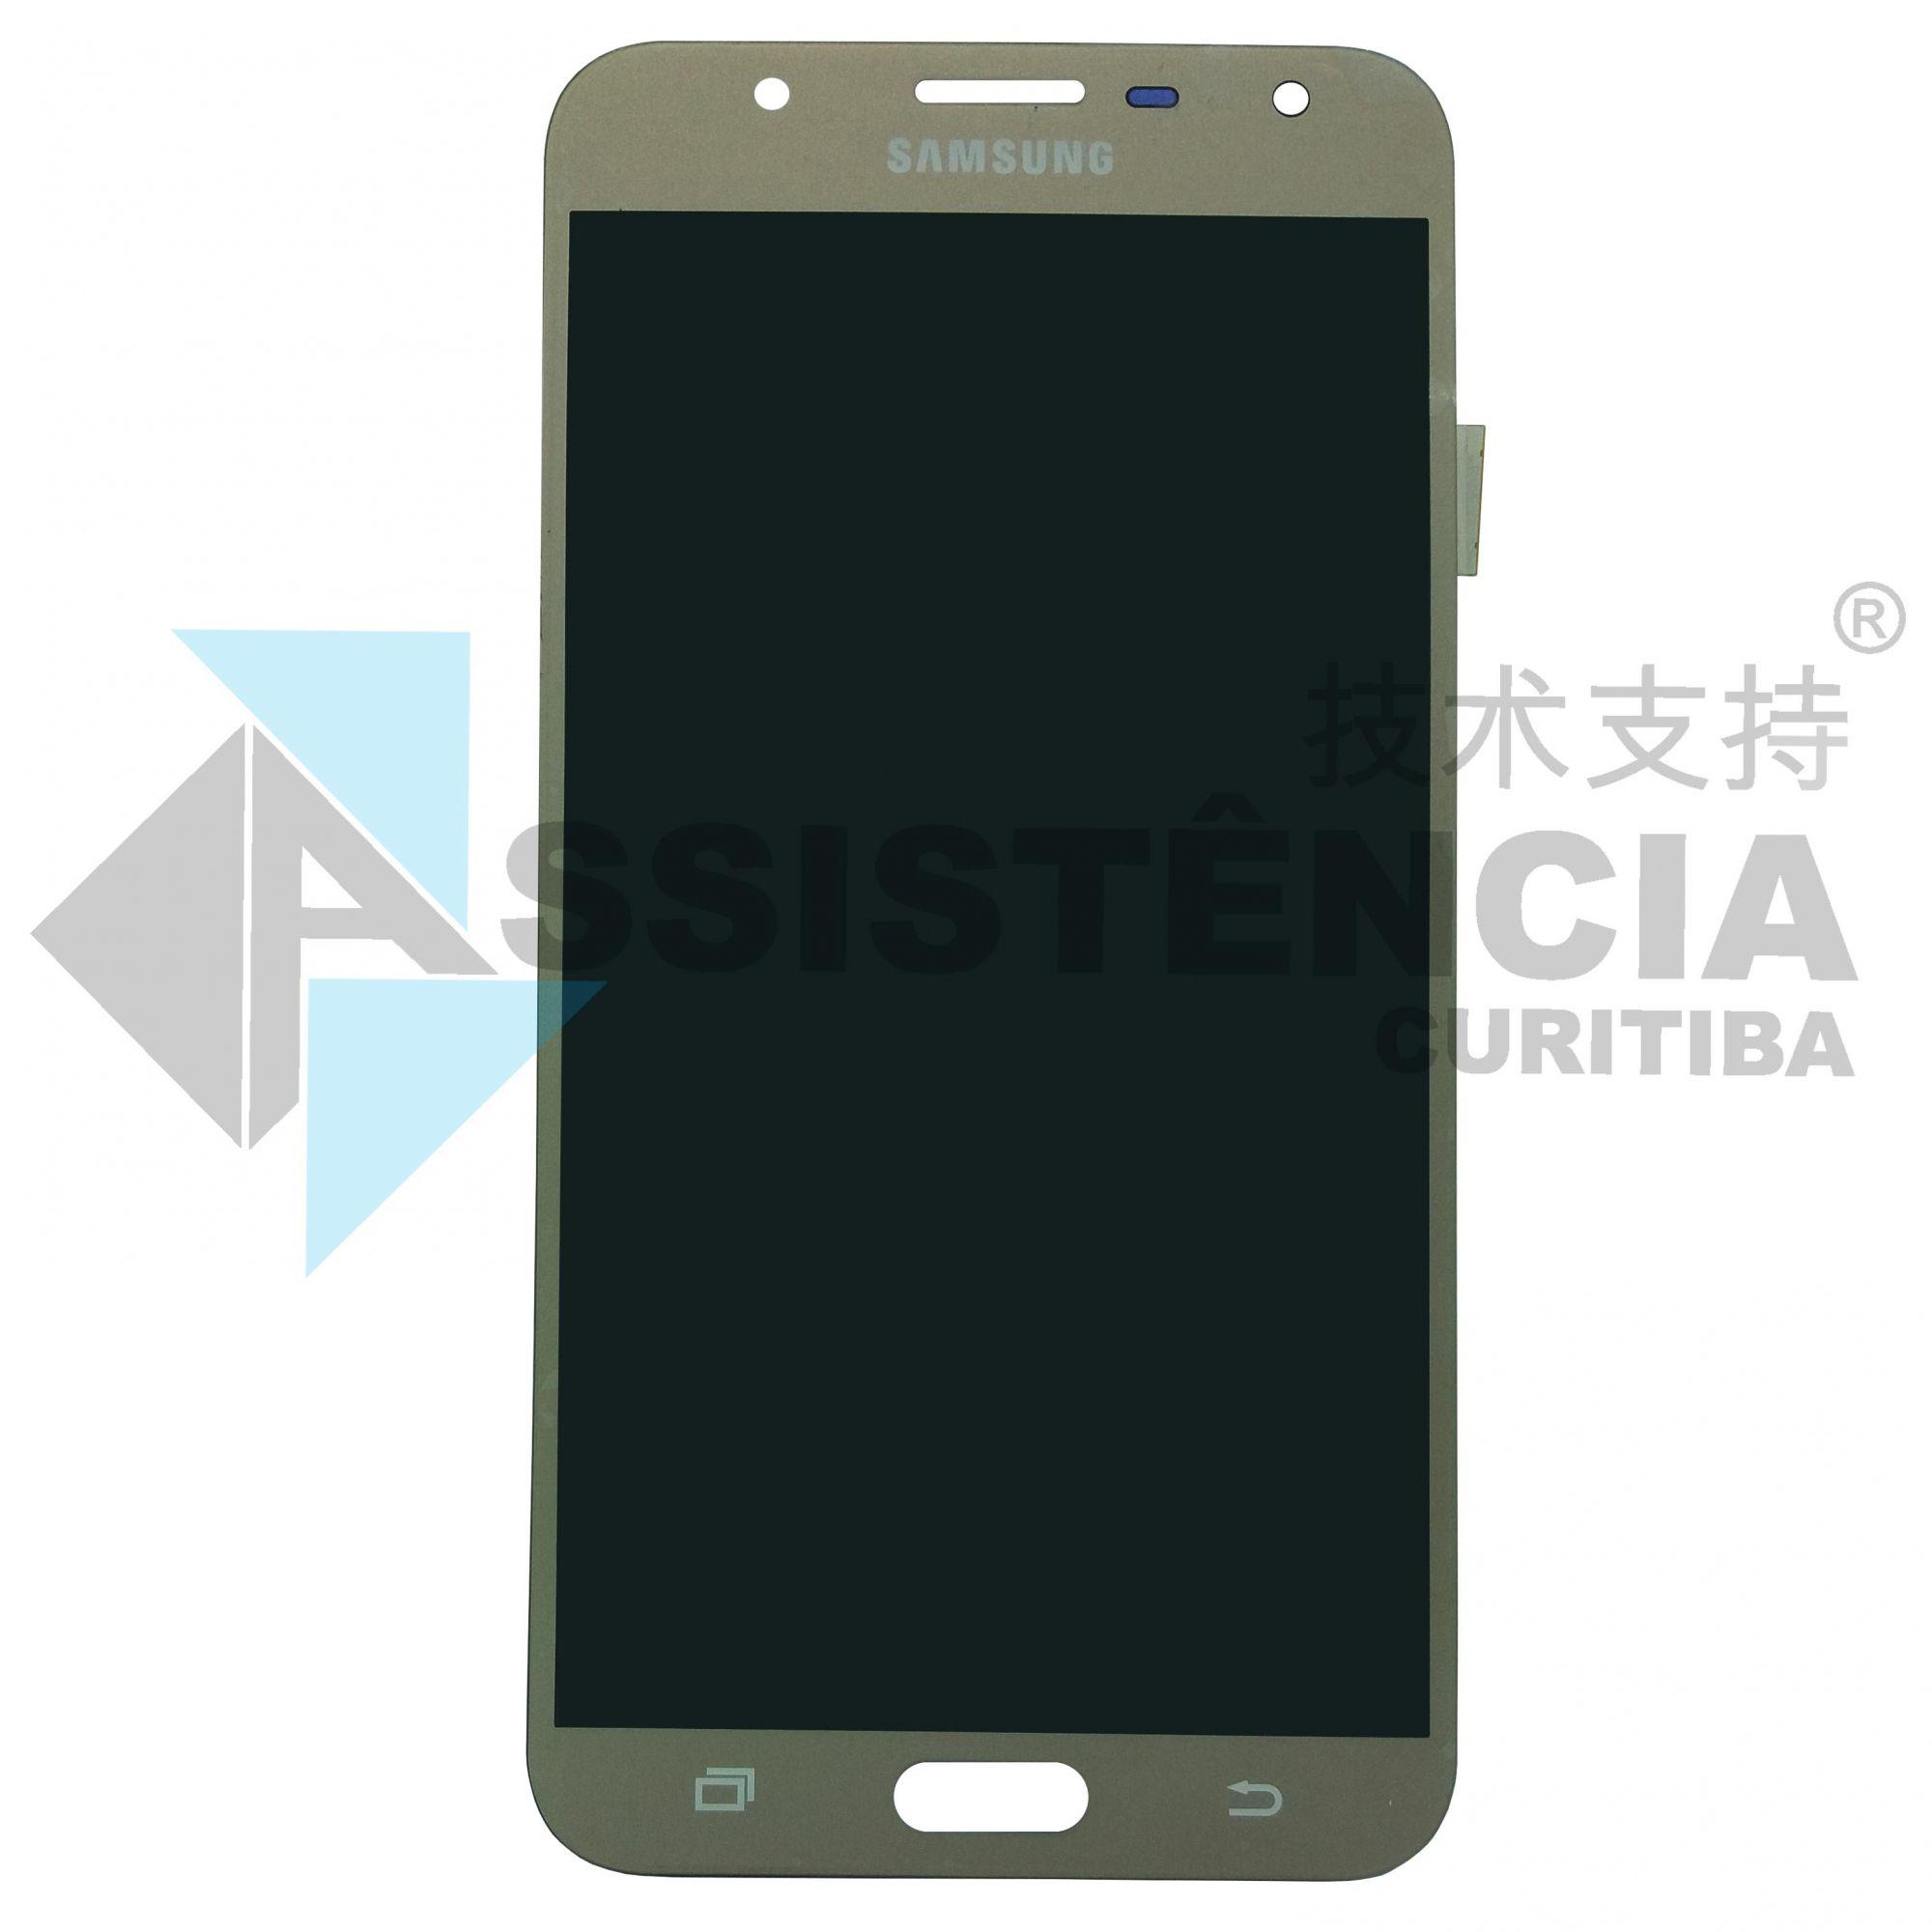 Tela Display Samsung Galaxy J7 Neo J701 Com Brilho Dourado